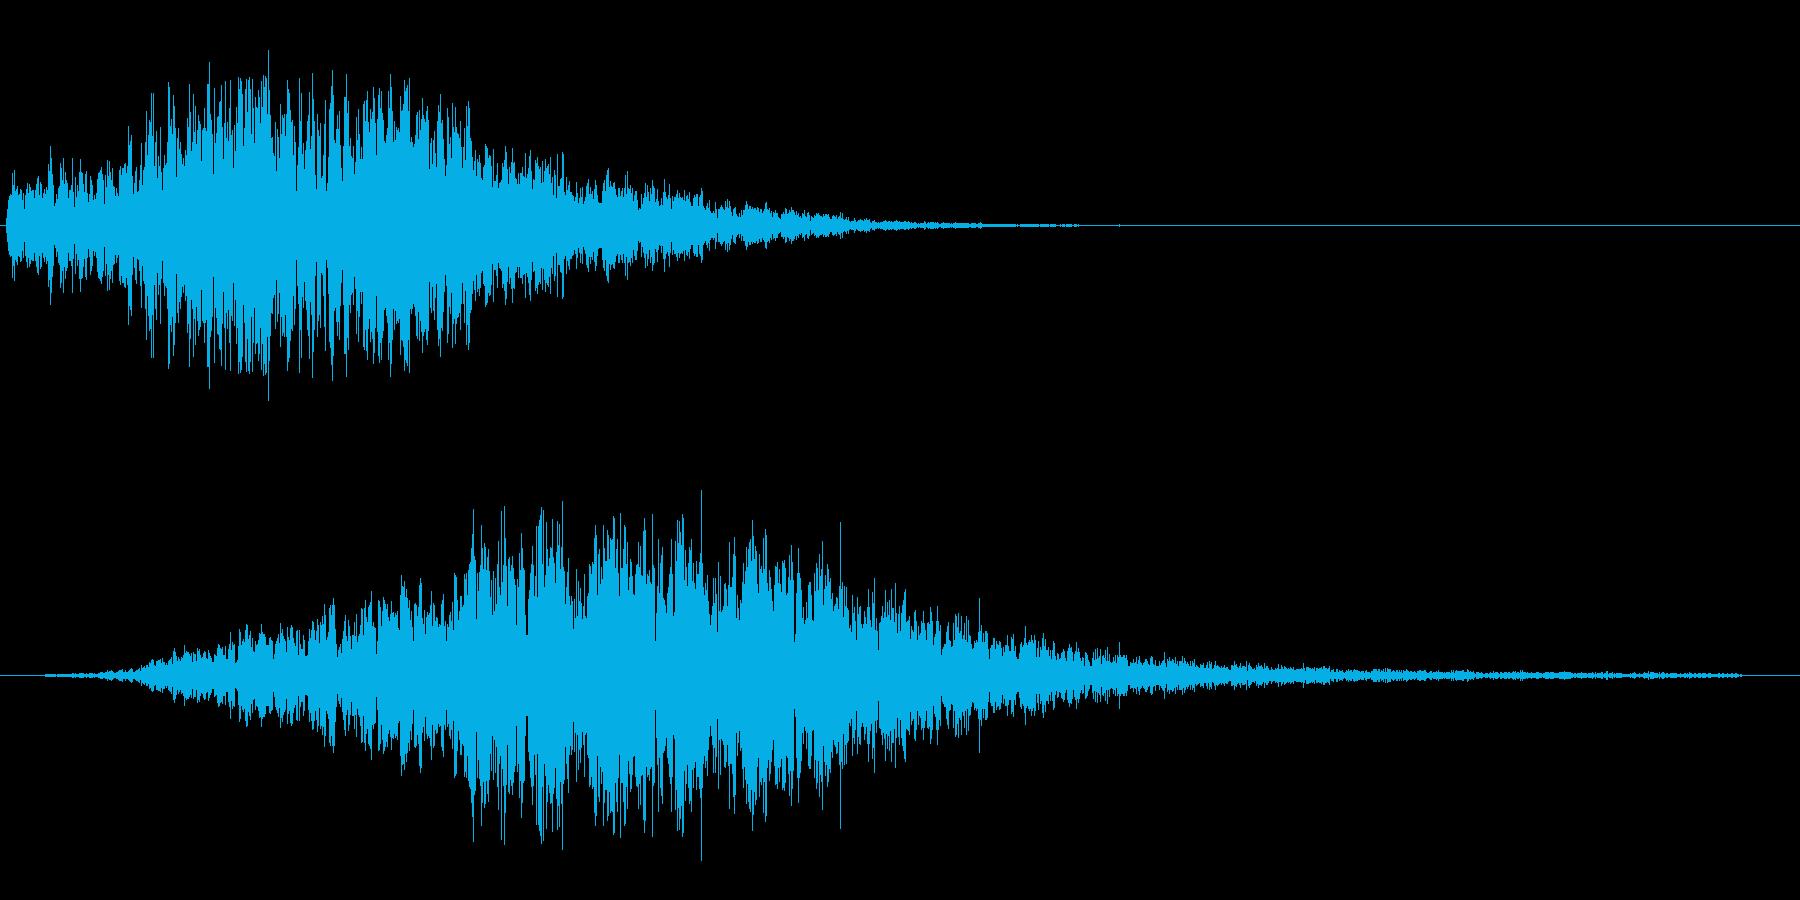 シュー(宇宙船が目の前を横切るような音)の再生済みの波形